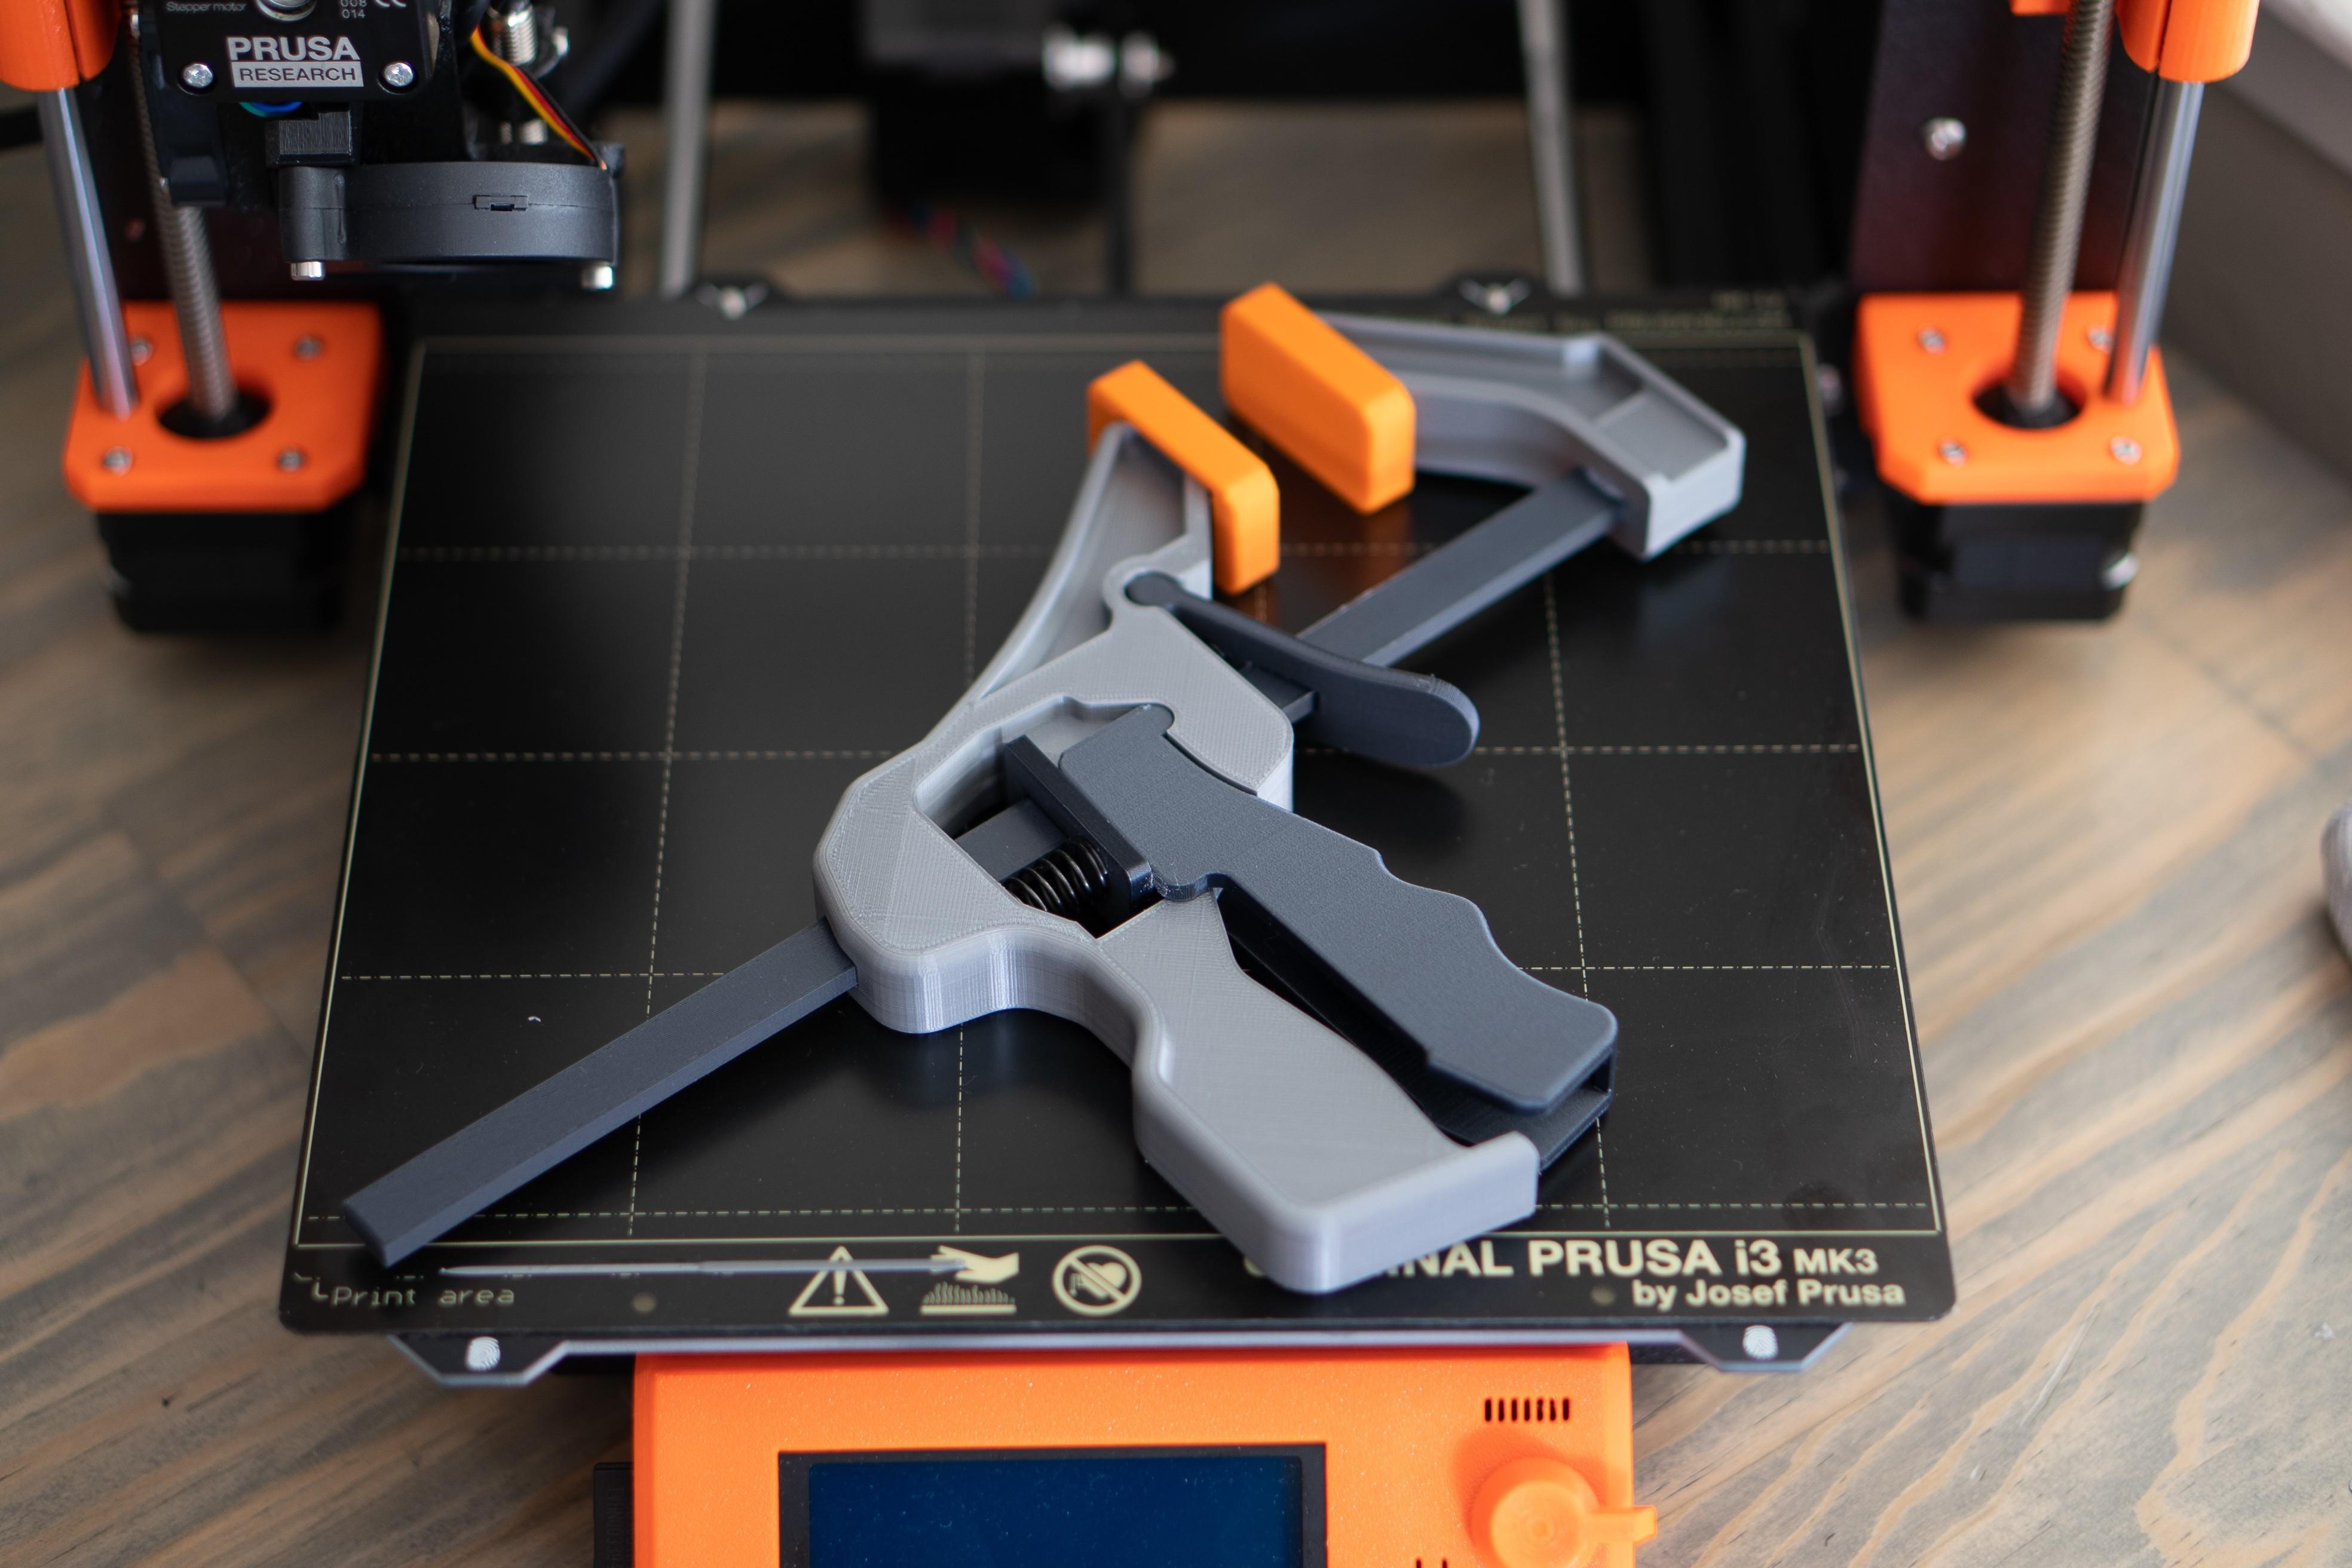 DSC09878-2.jpg Télécharger fichier STL gratuit Pince de détente à prise rapide imprimable (fonctionnelle) • Design imprimable en 3D, arron_mollet22